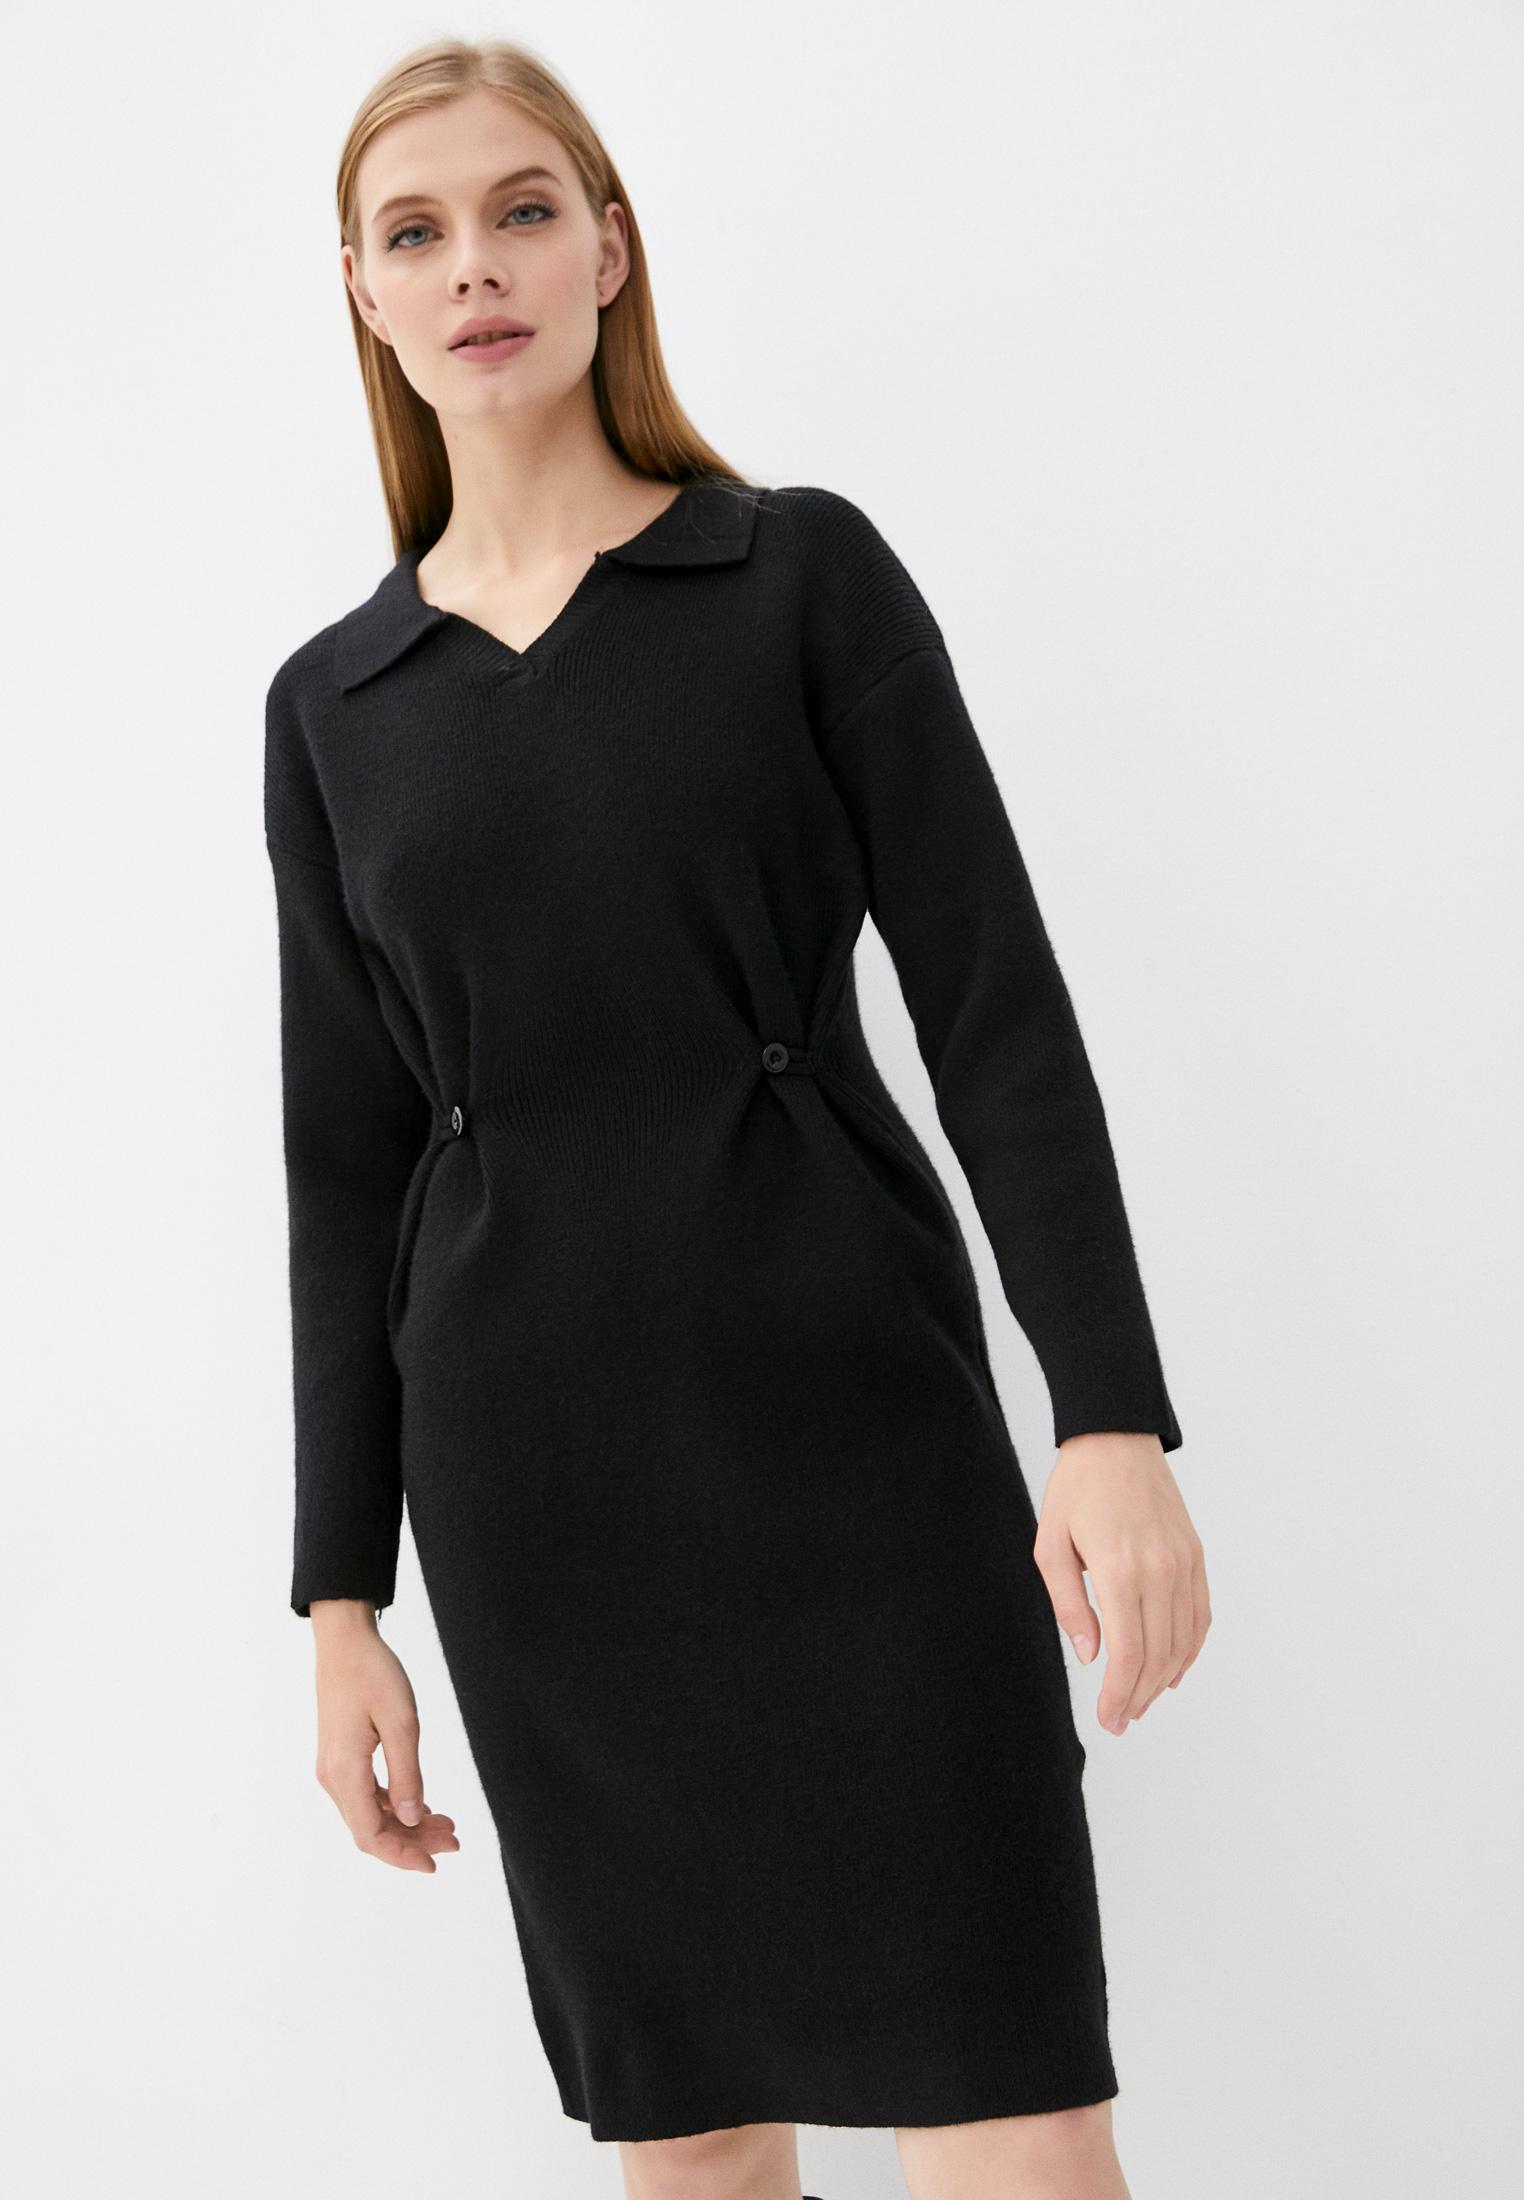 Вязаное платье Marselesa MAR22-51-2